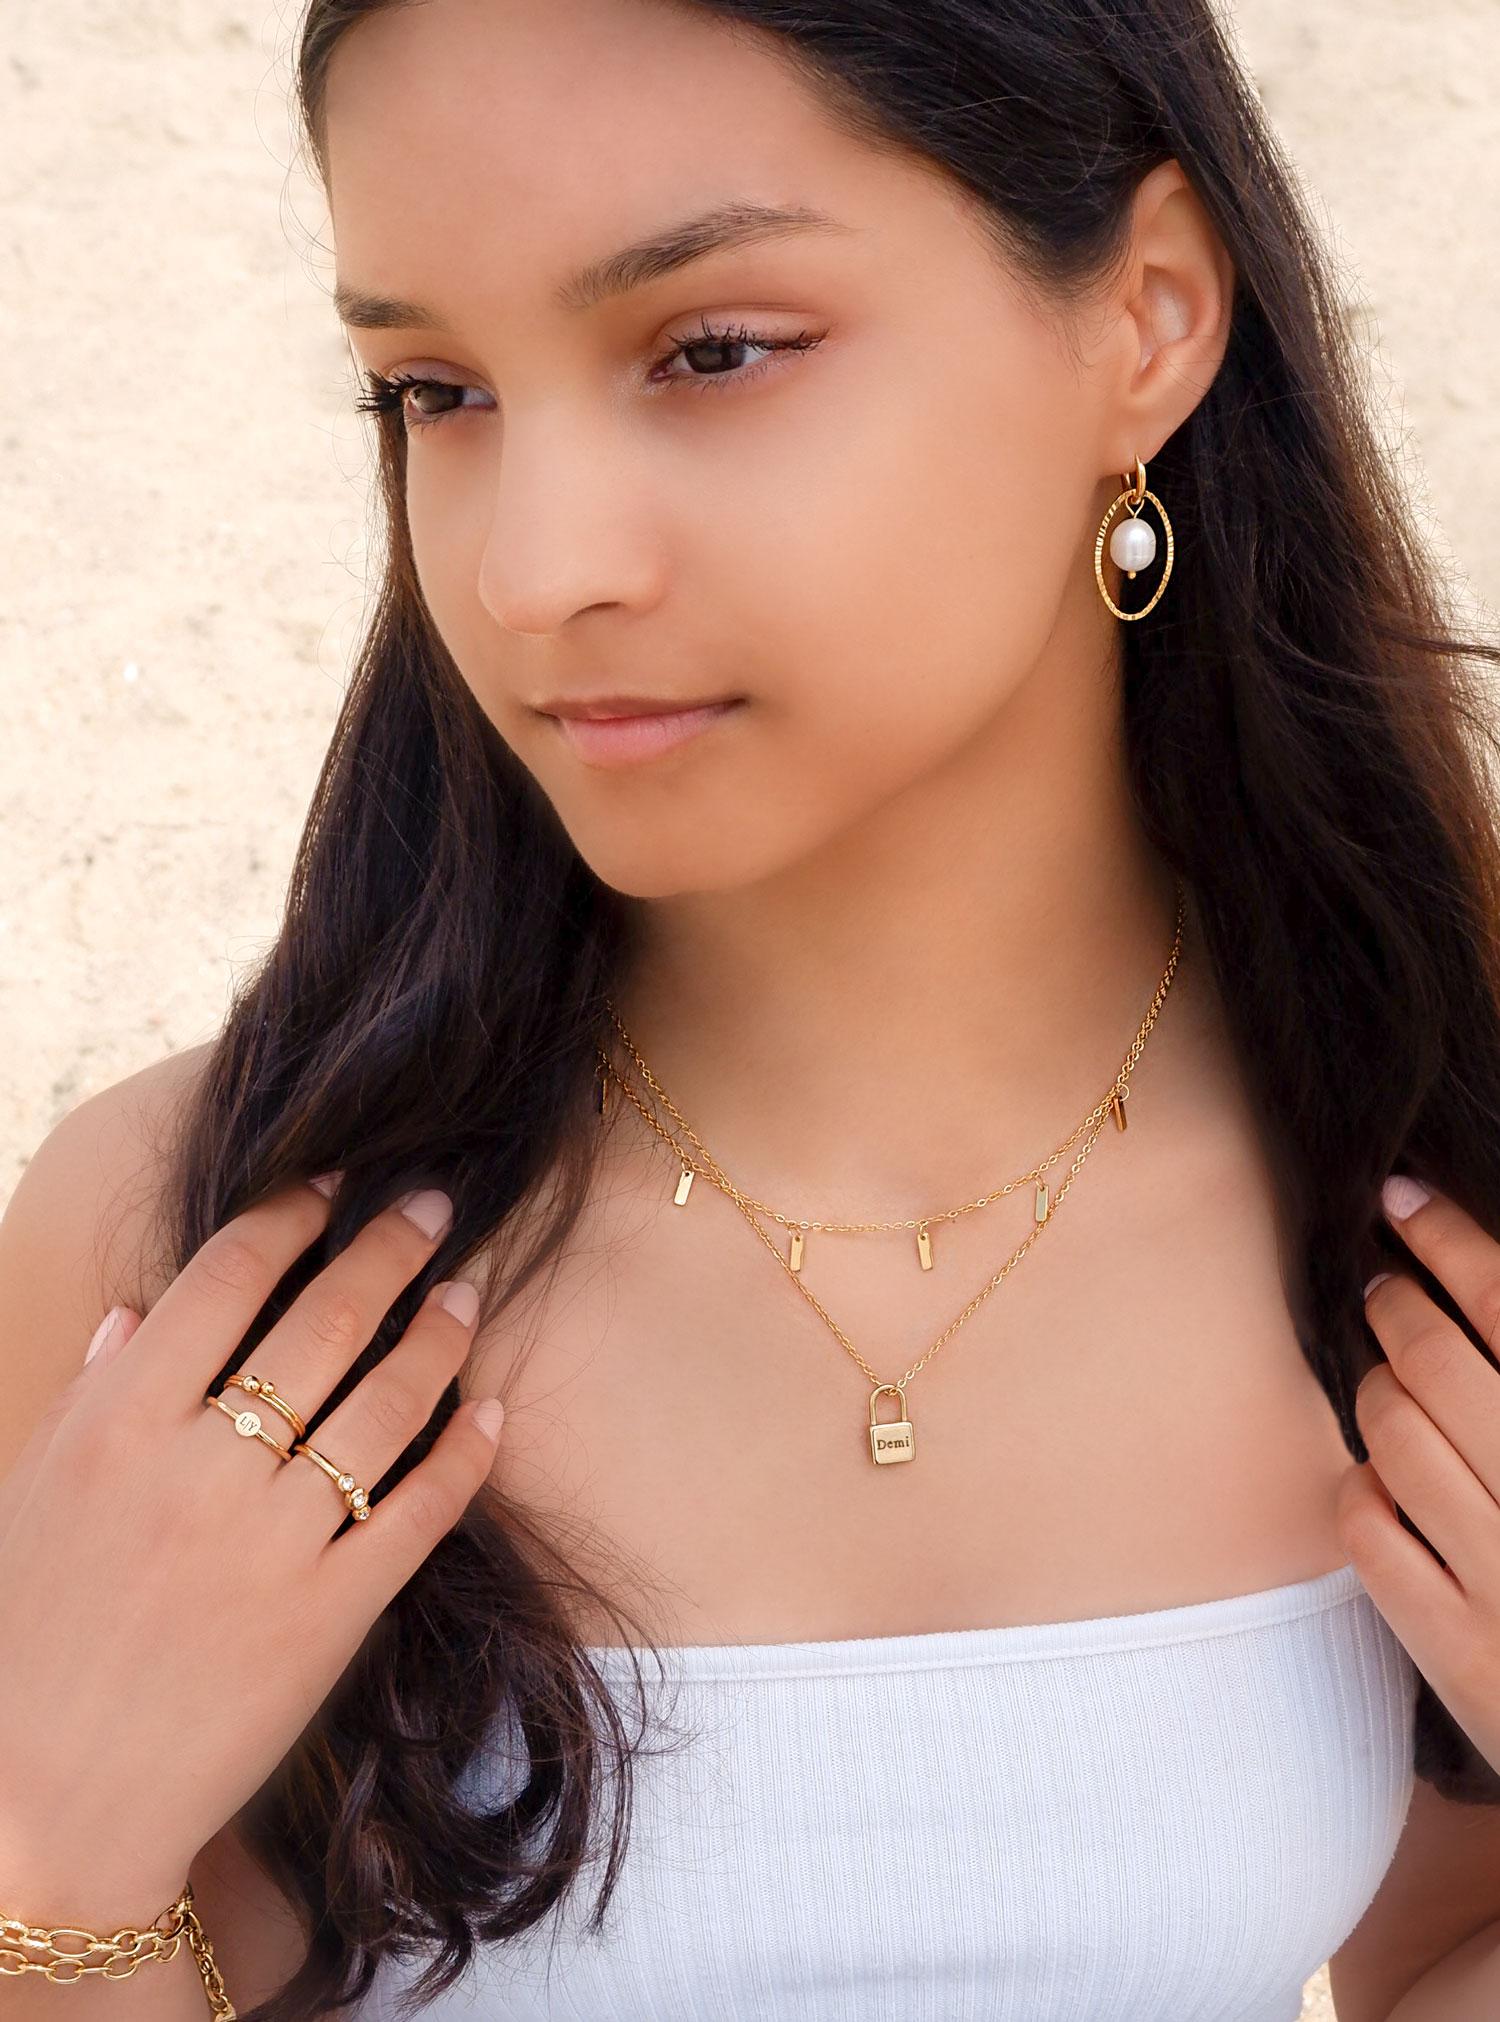 vrouw draagt gouden ketting met slotje voor om de hals